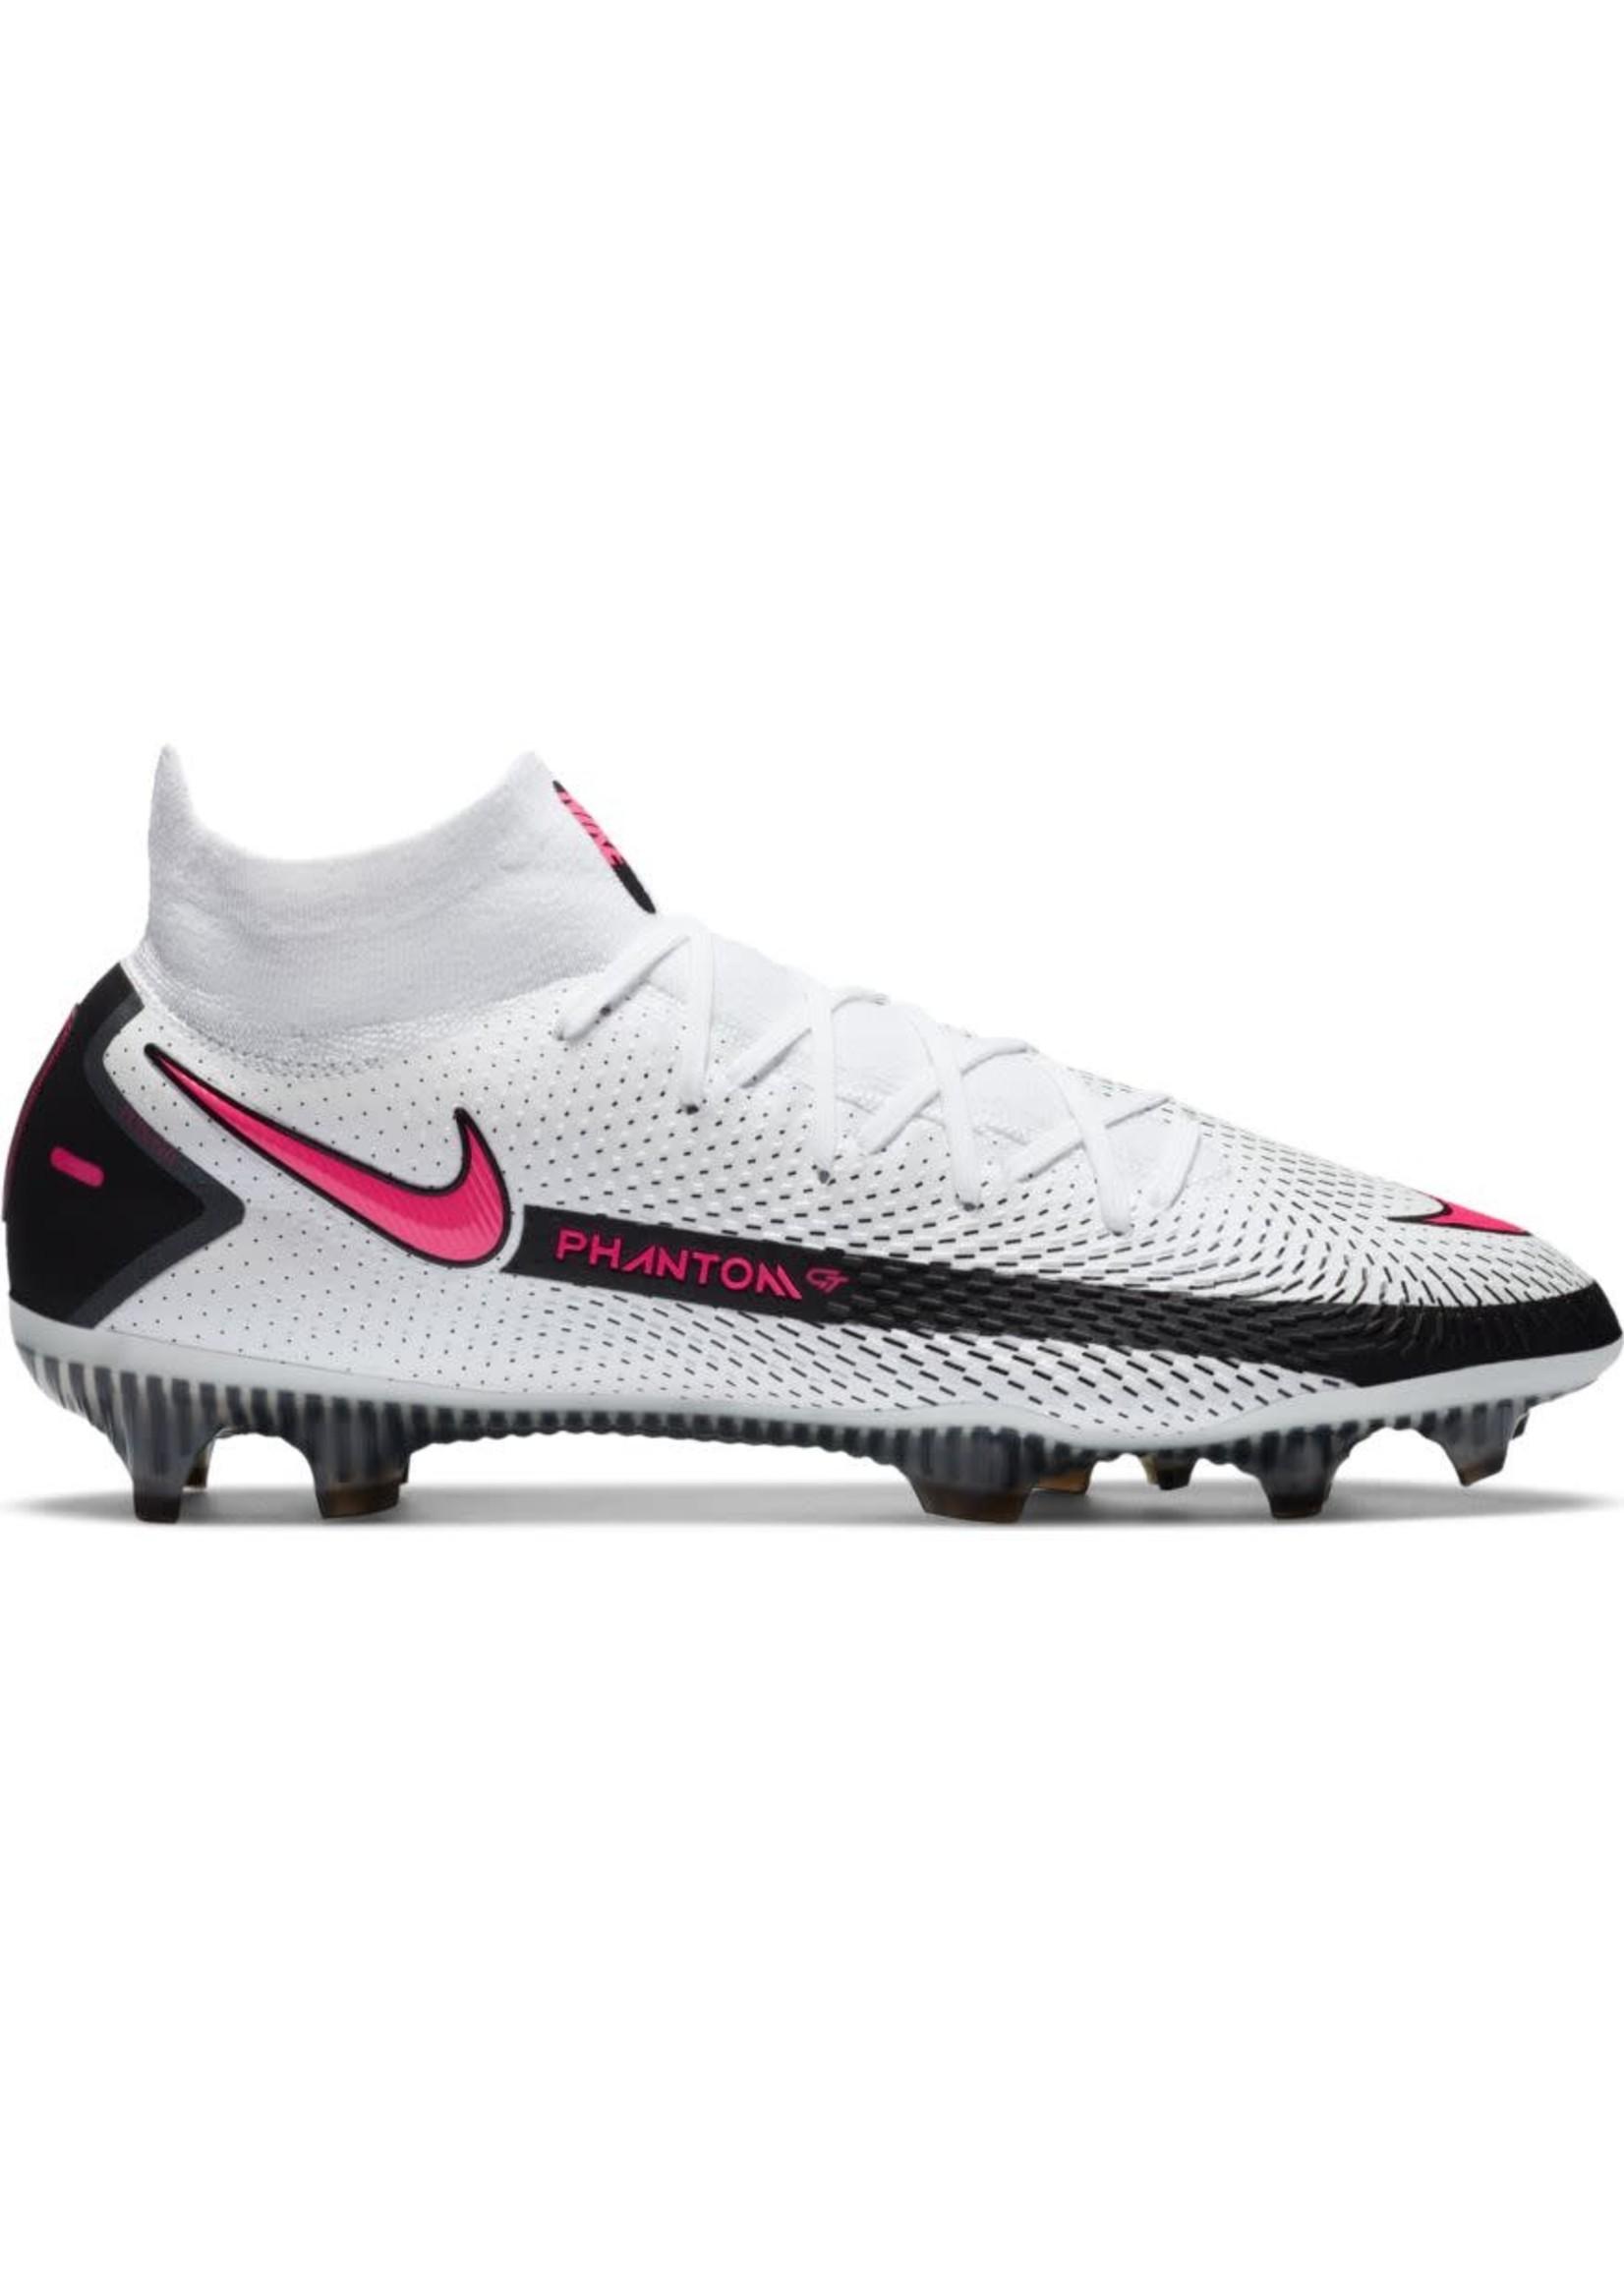 Nike Phantom GT Elite DF FG - White/Pink